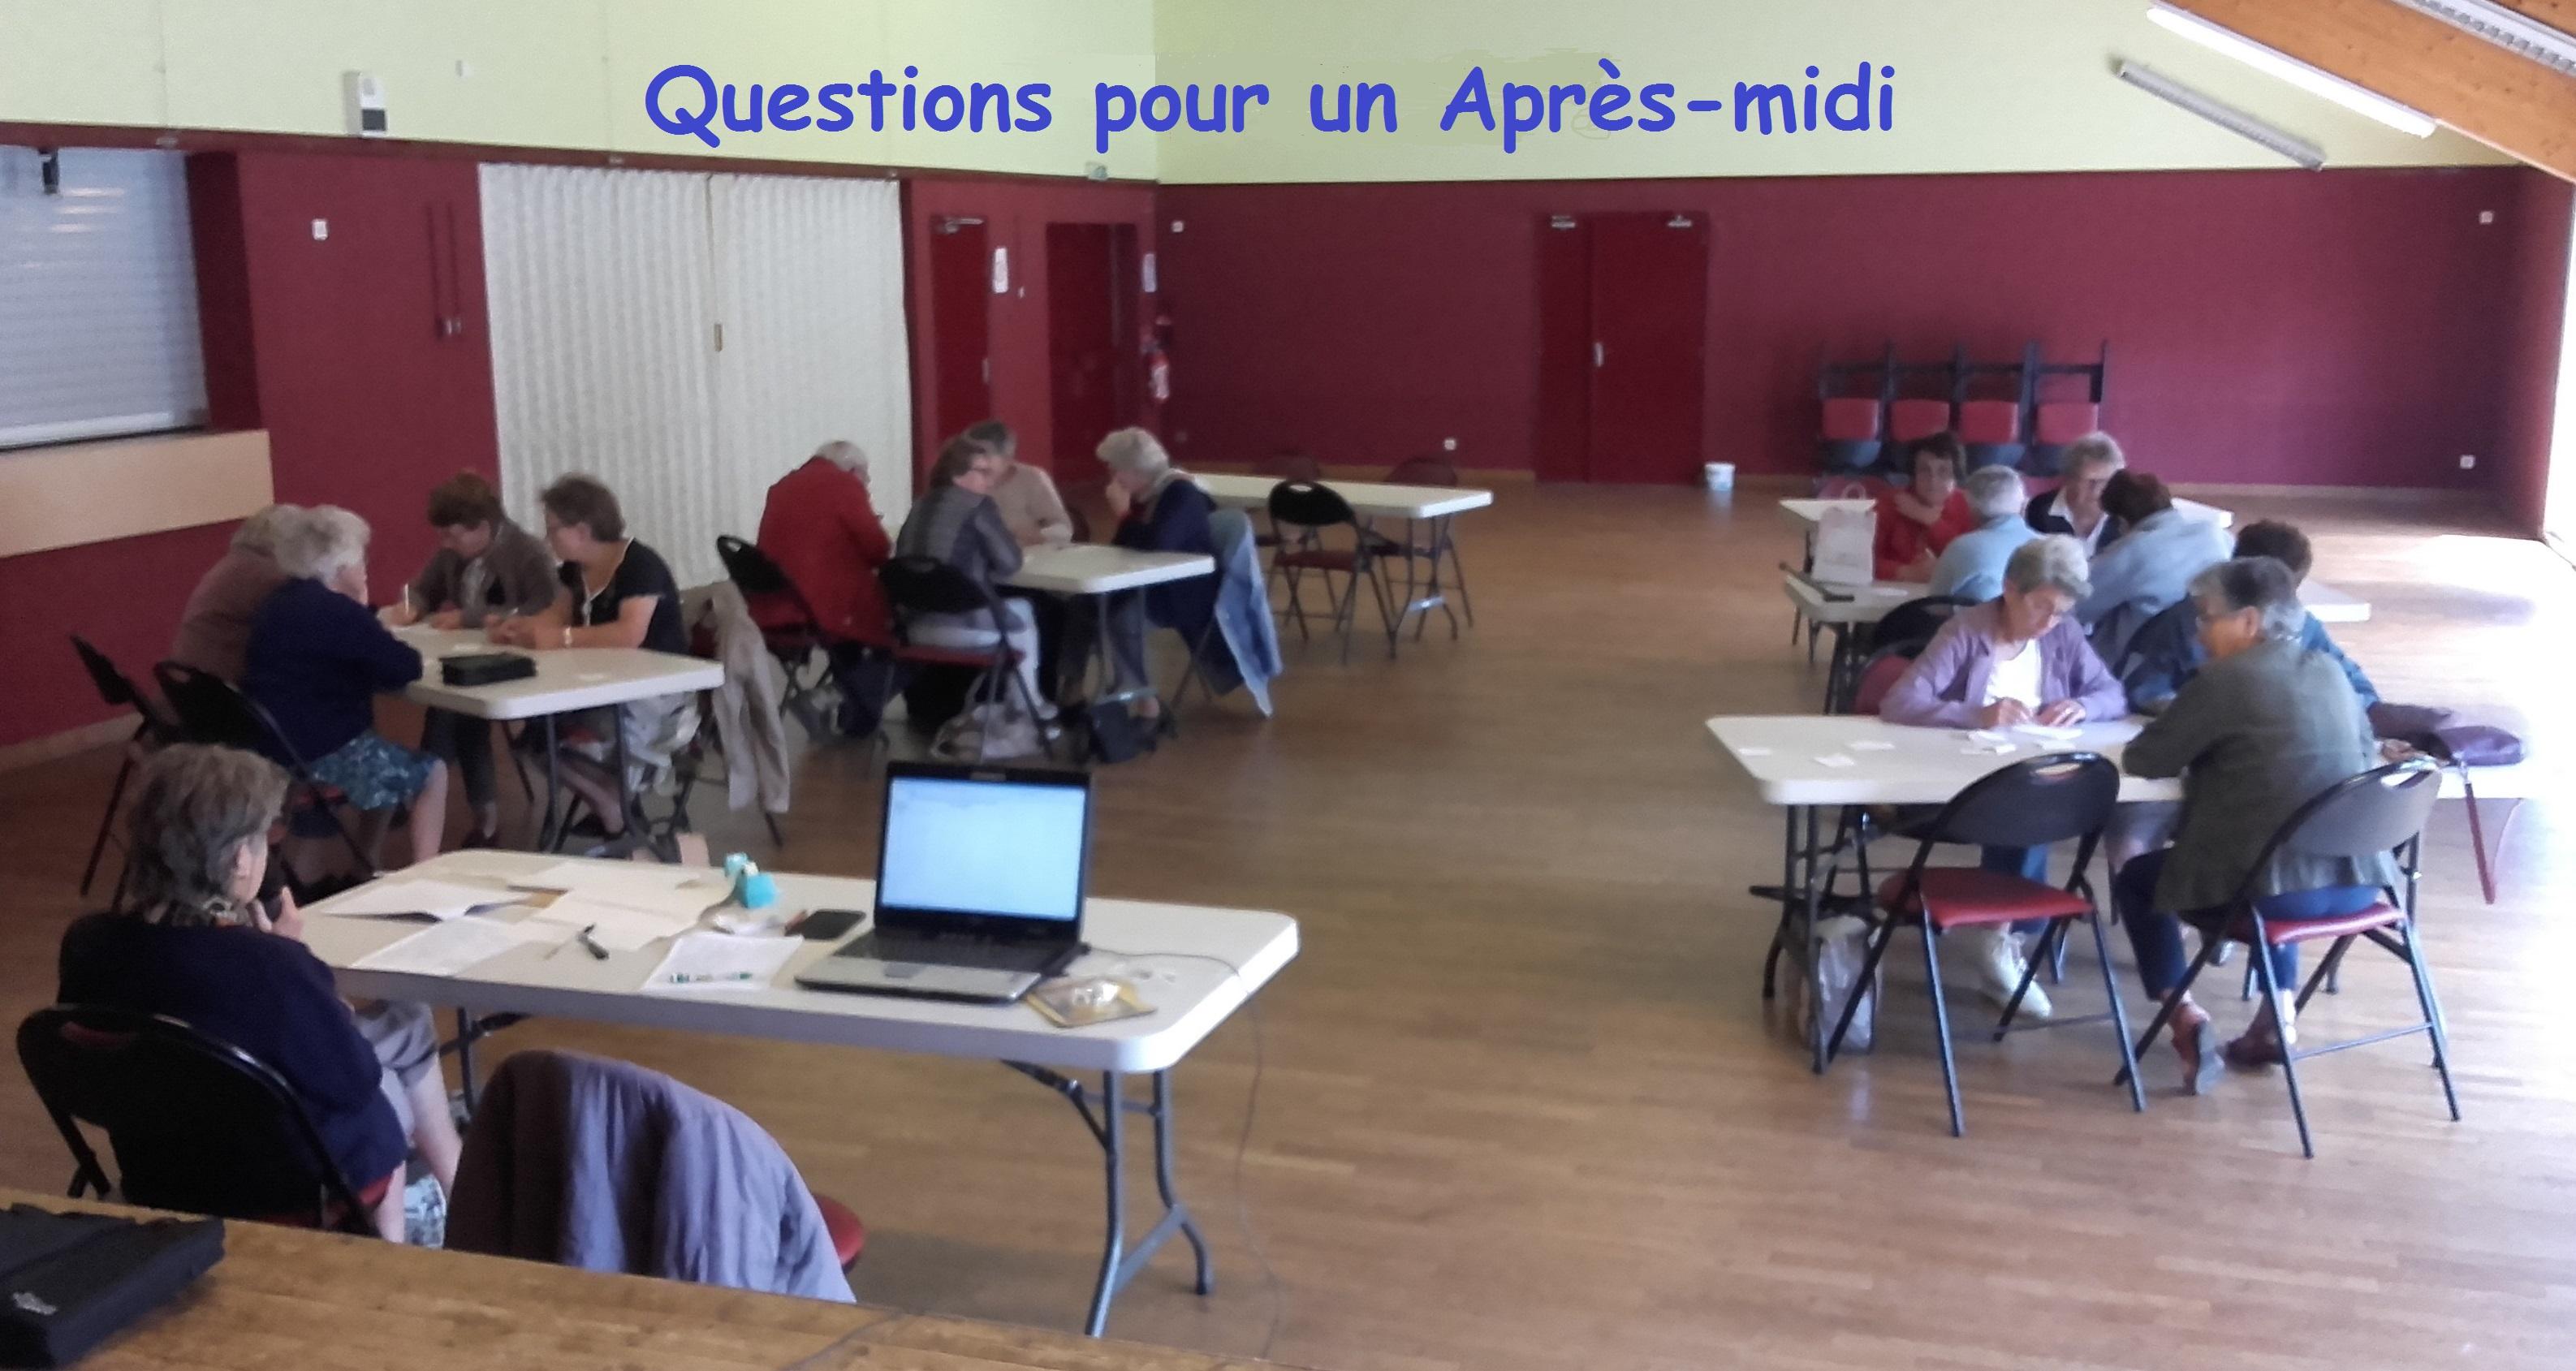 questions-pour-un-a-midi-titre